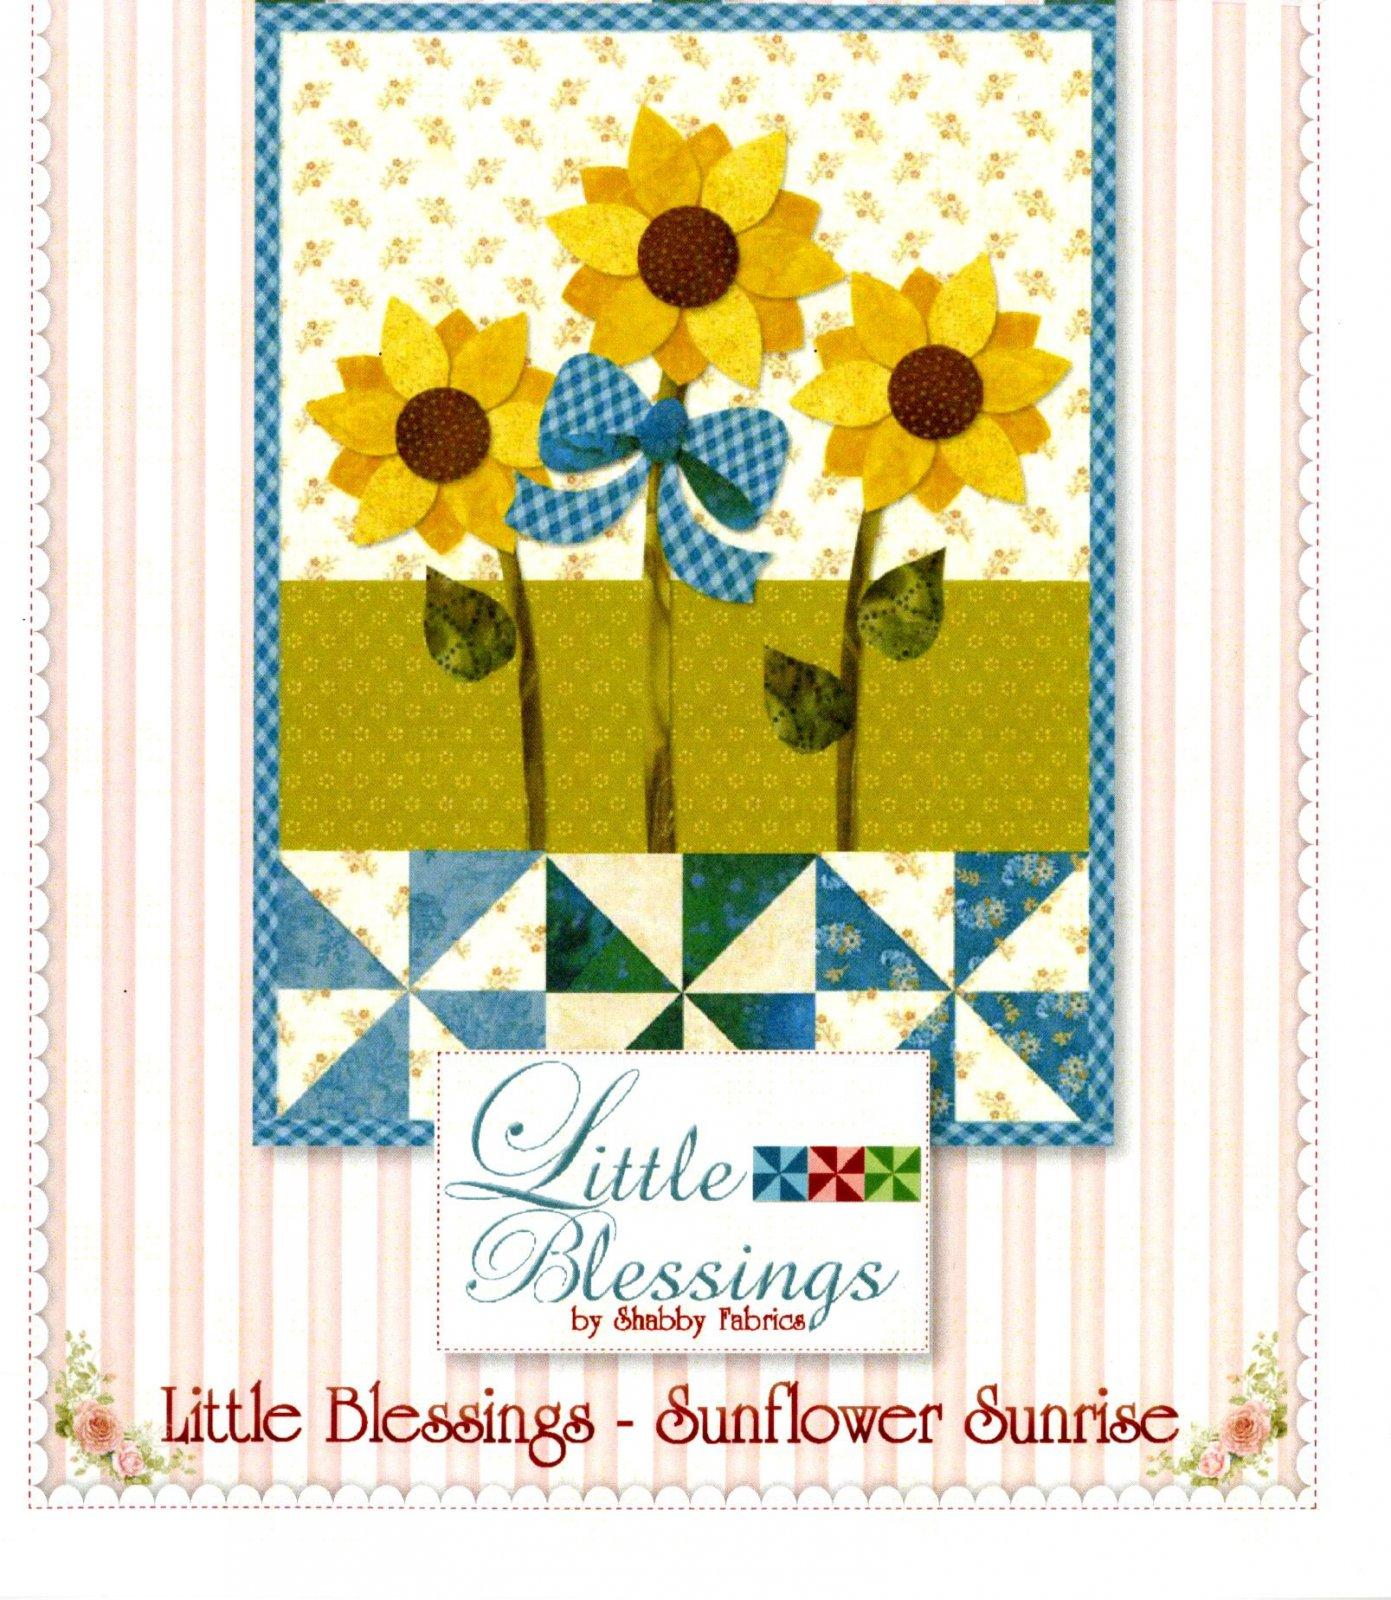 Little Blessings - Sunflower Sunrise